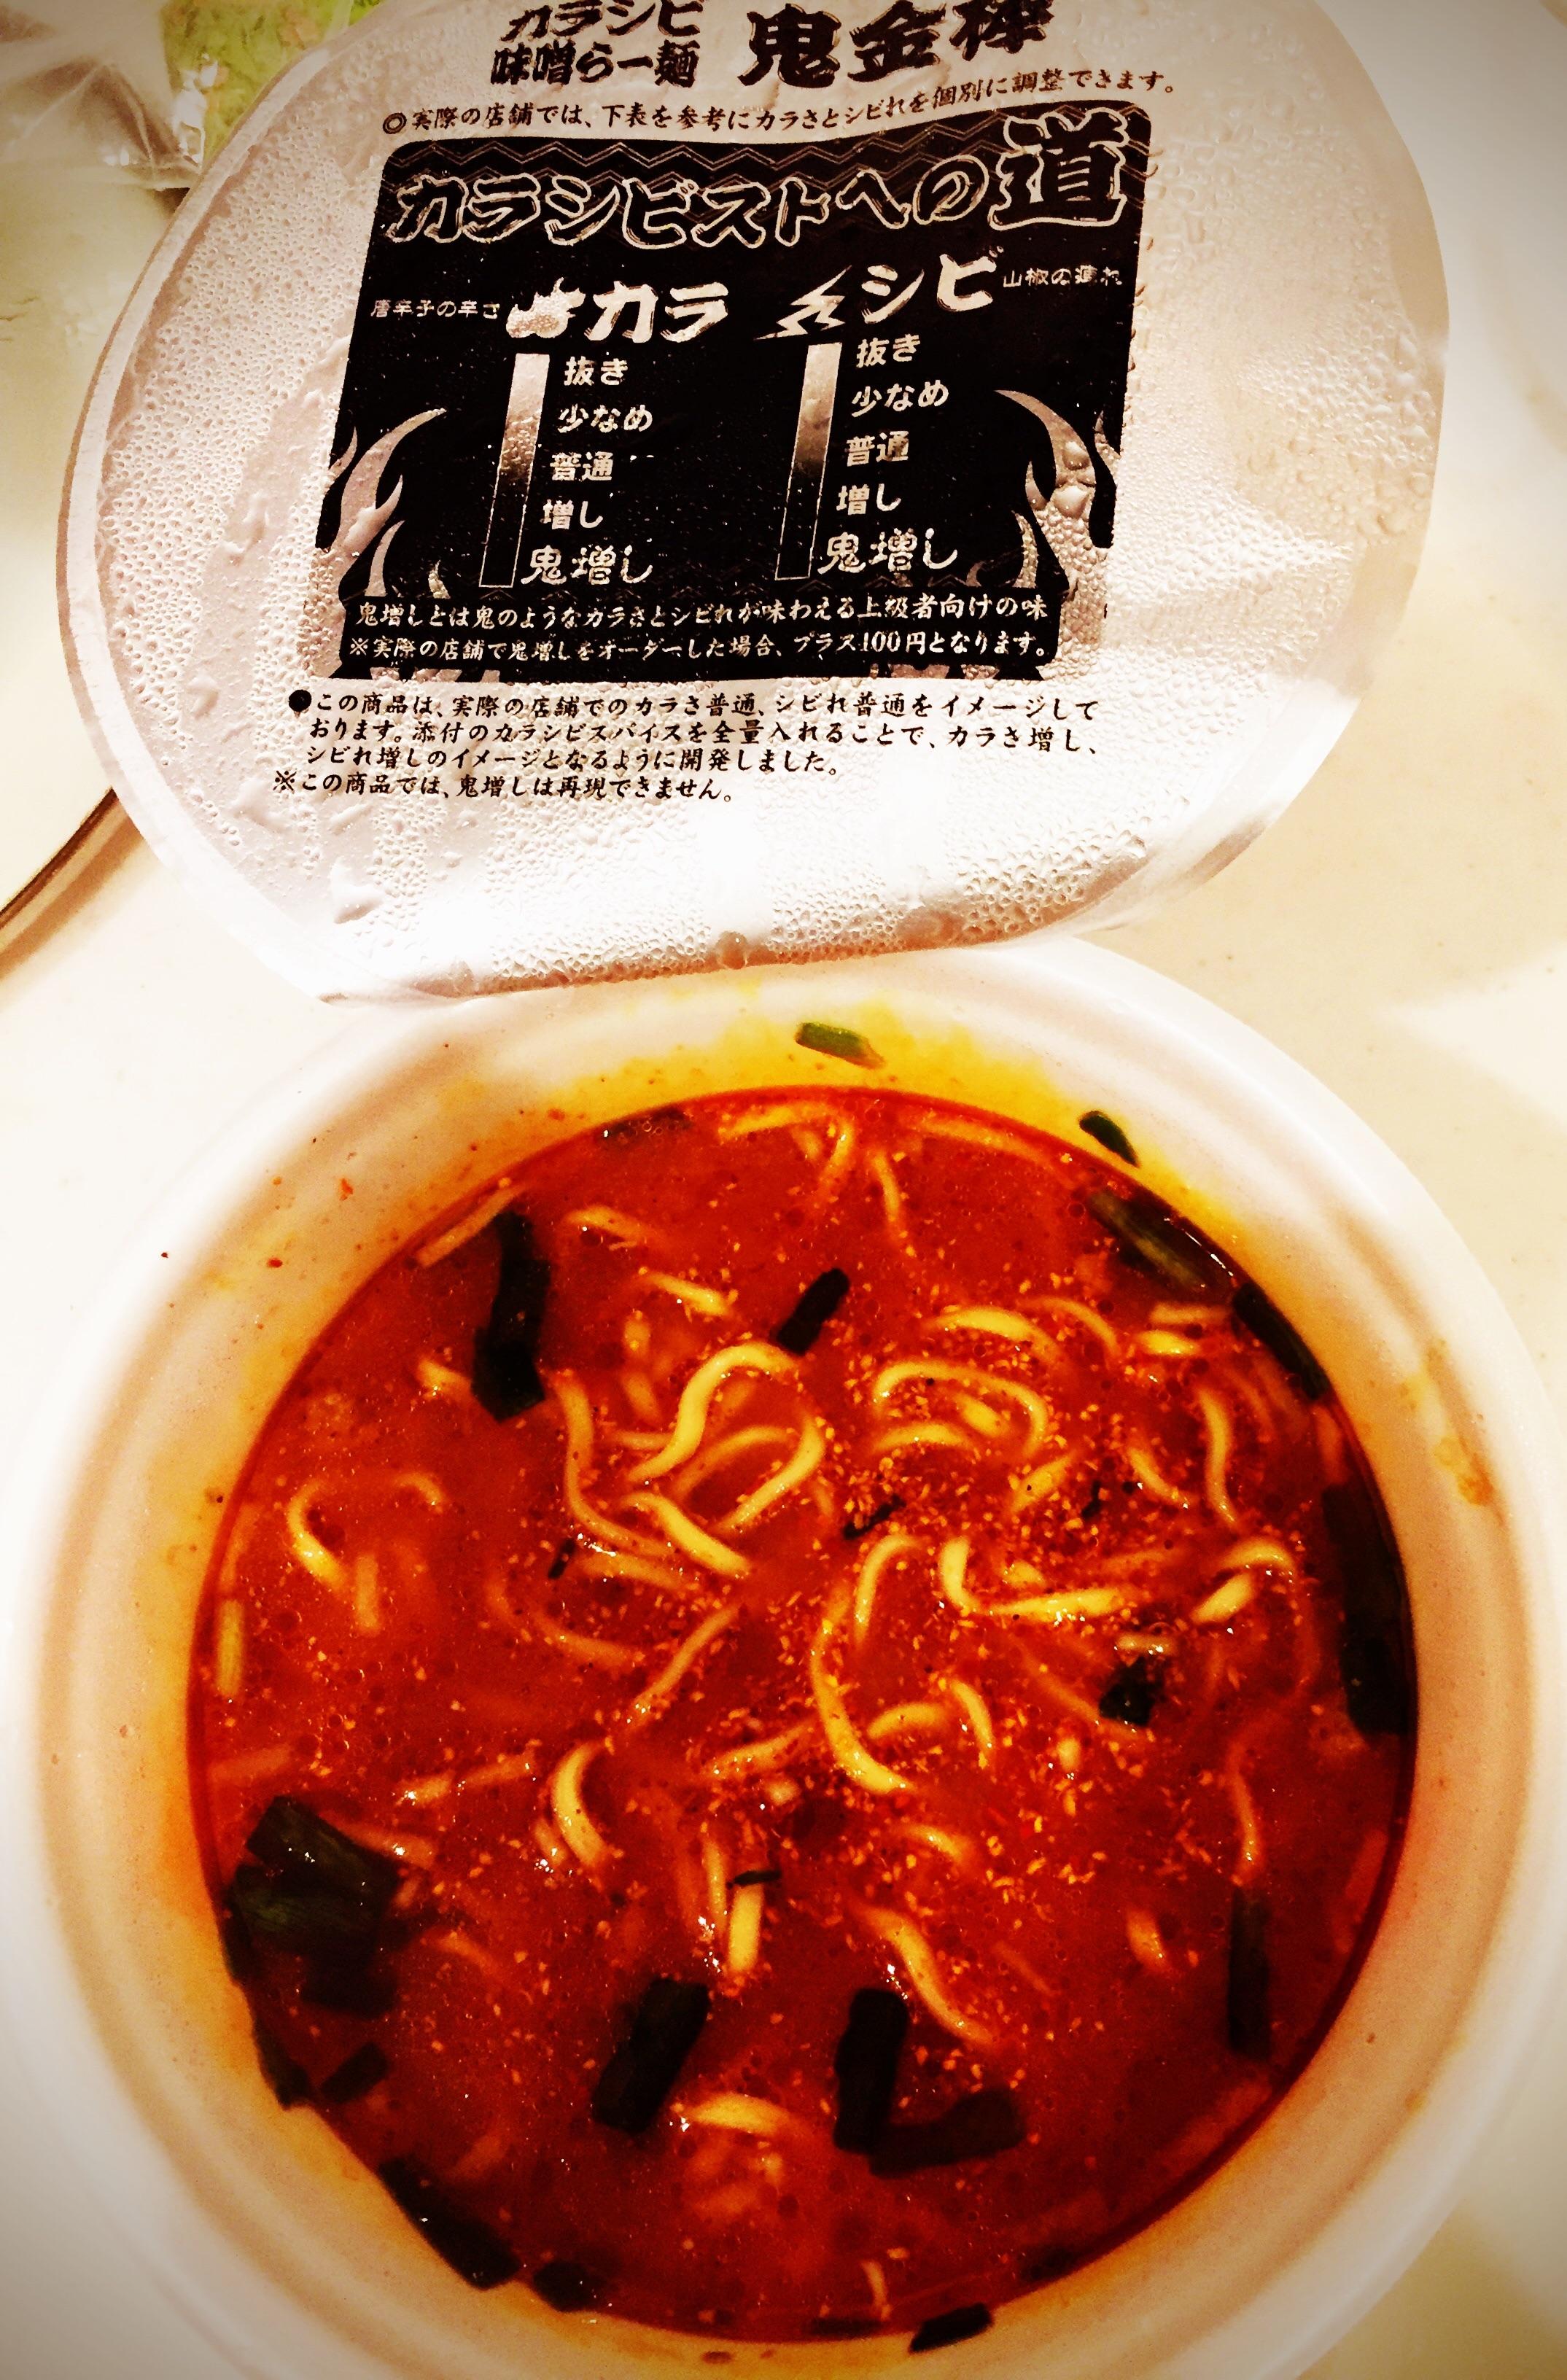 ニュータッチ 凄旨 鬼金棒カラシビ味噌らー麺完成